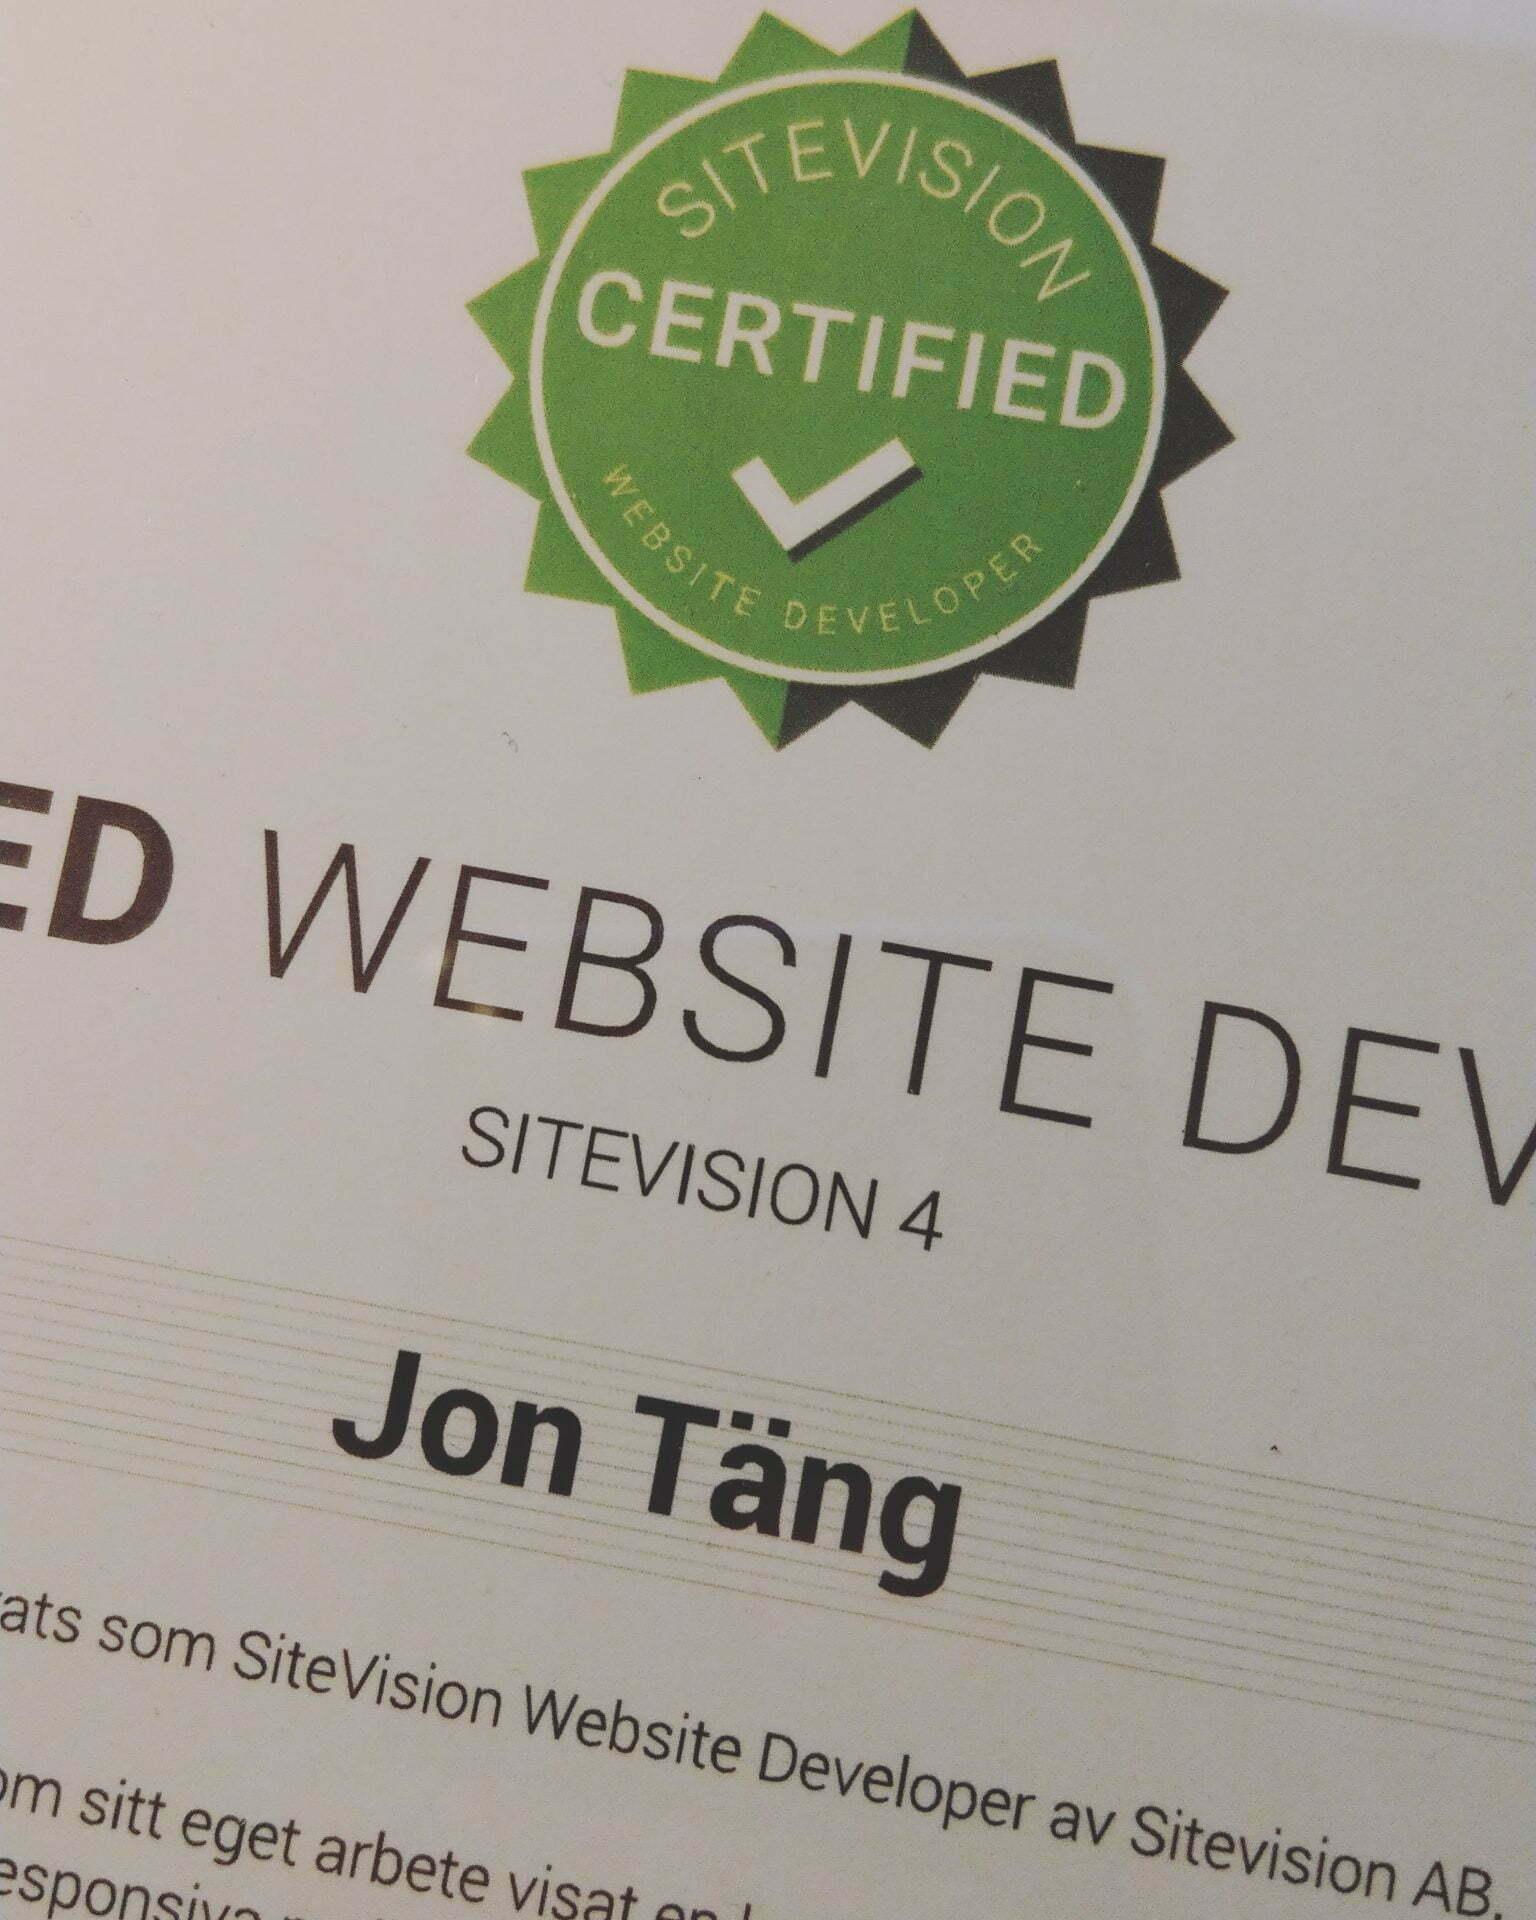 certified sitevision website developer